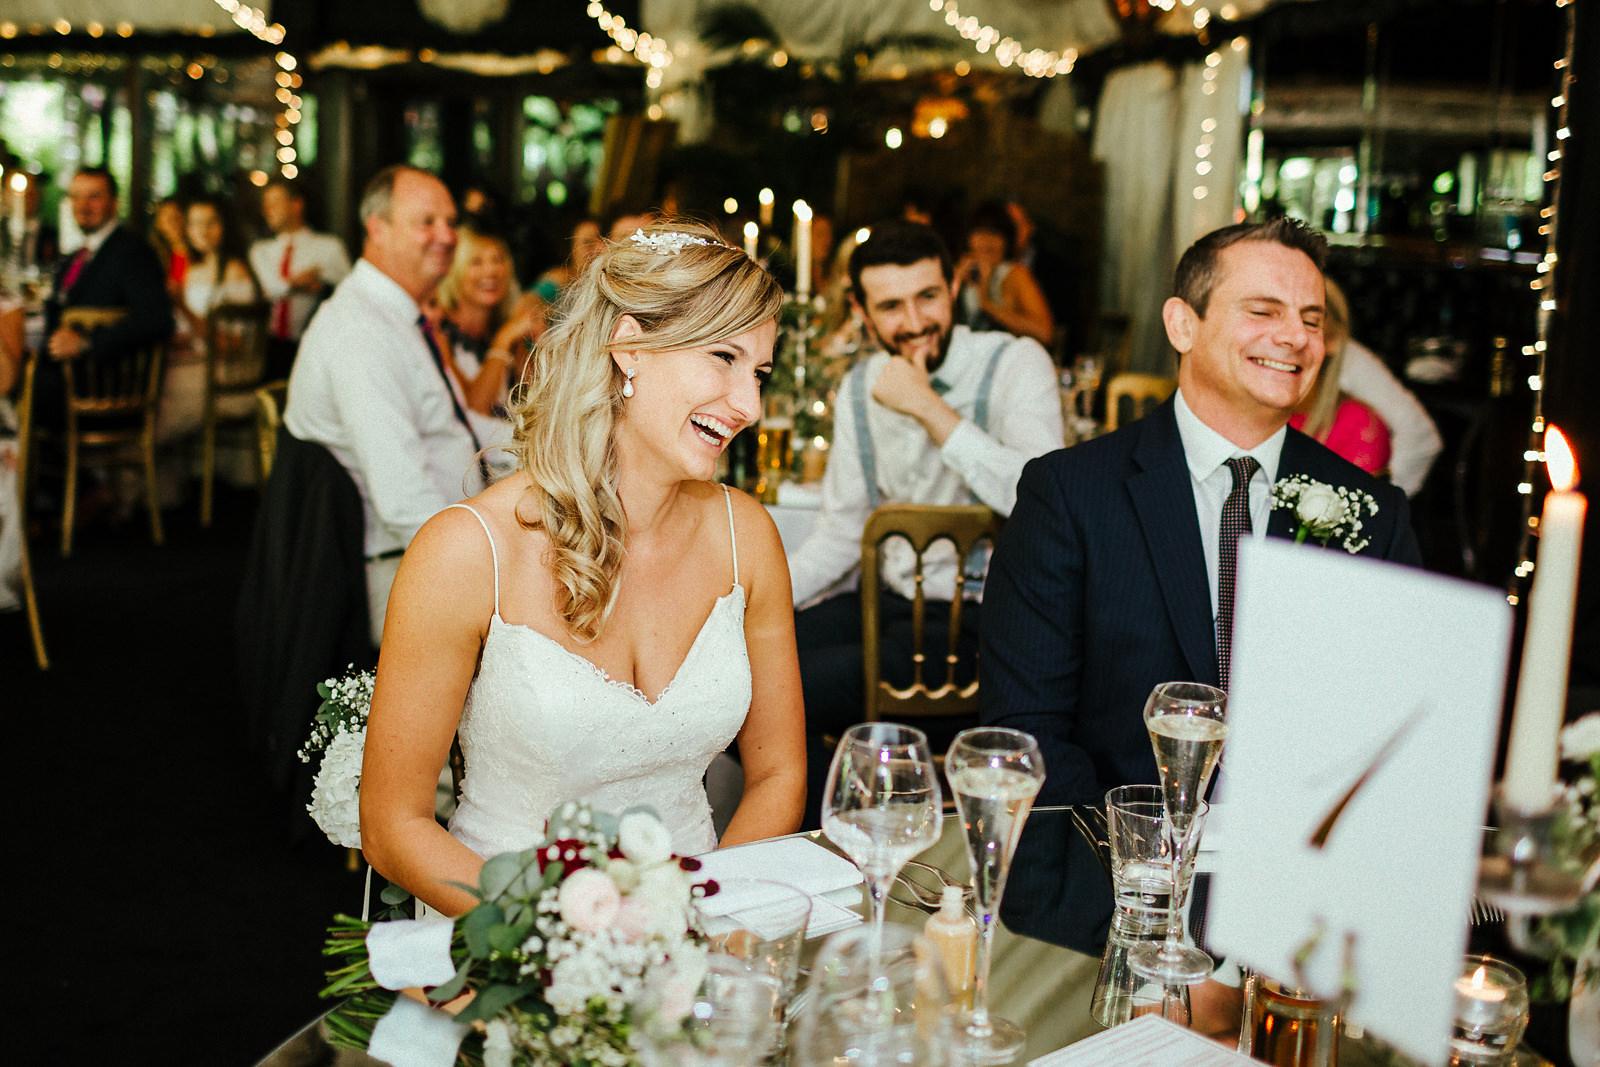 Natural wedding photos at Crazy Bear Stadhampton